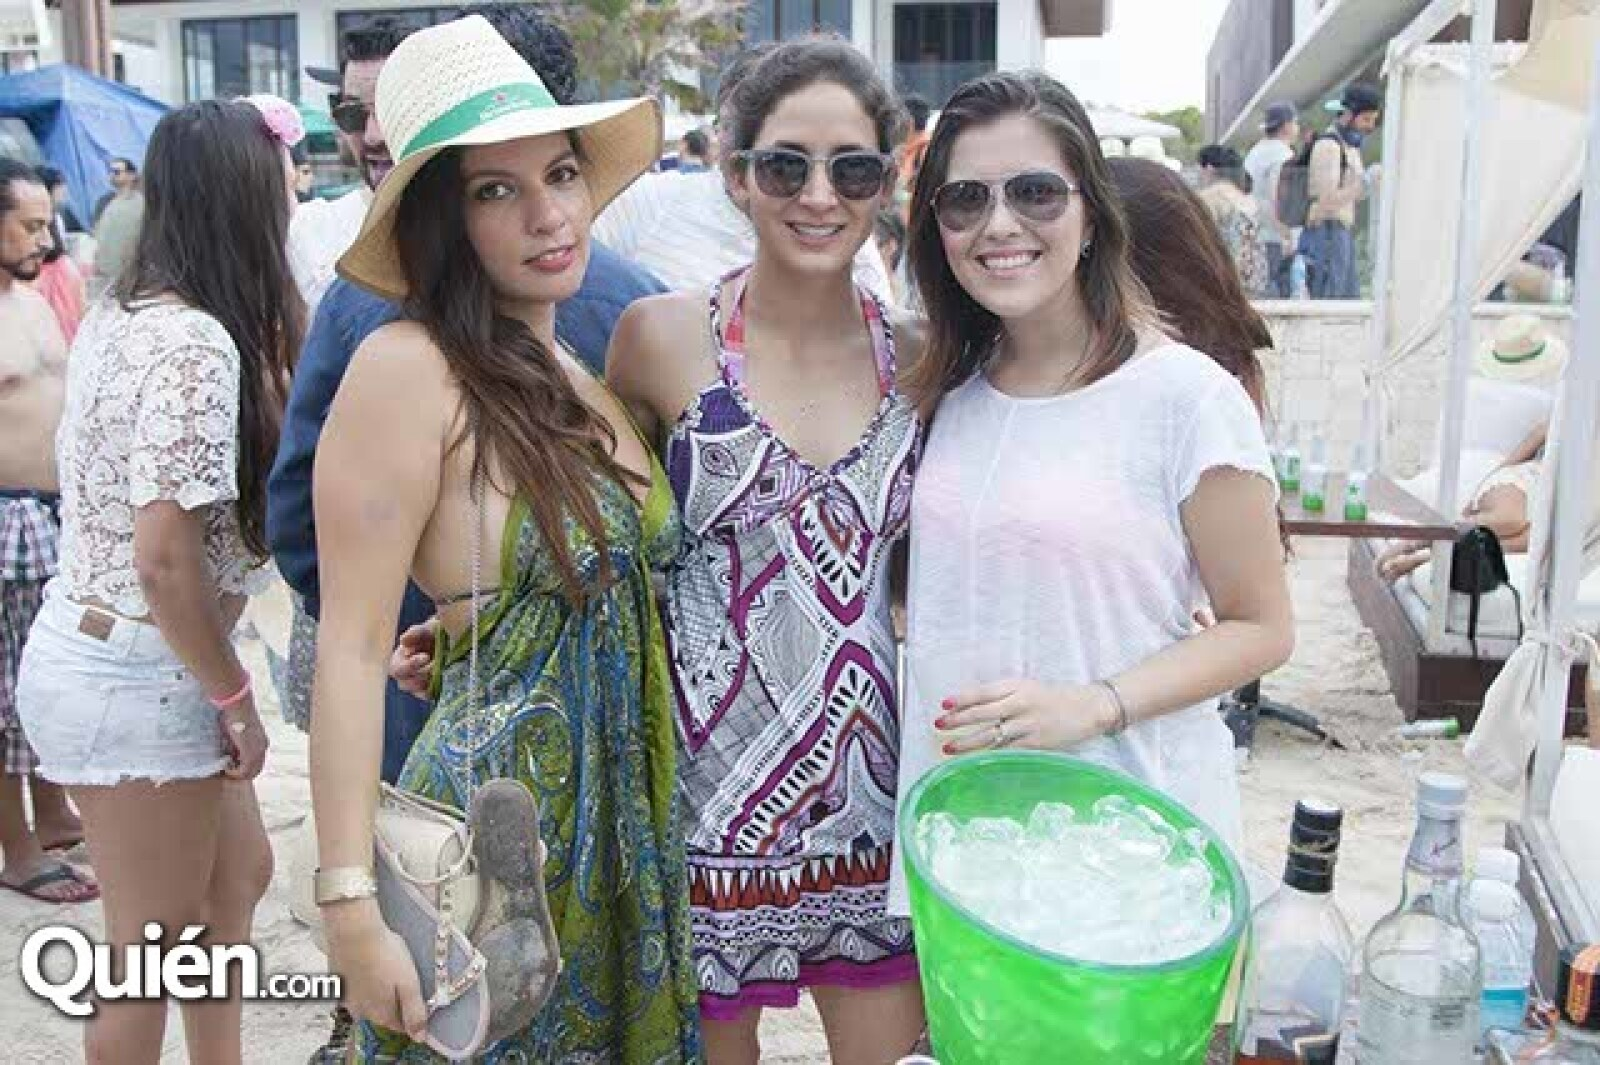 Claudia Schoreder,Jaqueline Urdiales y Leticia Herrera